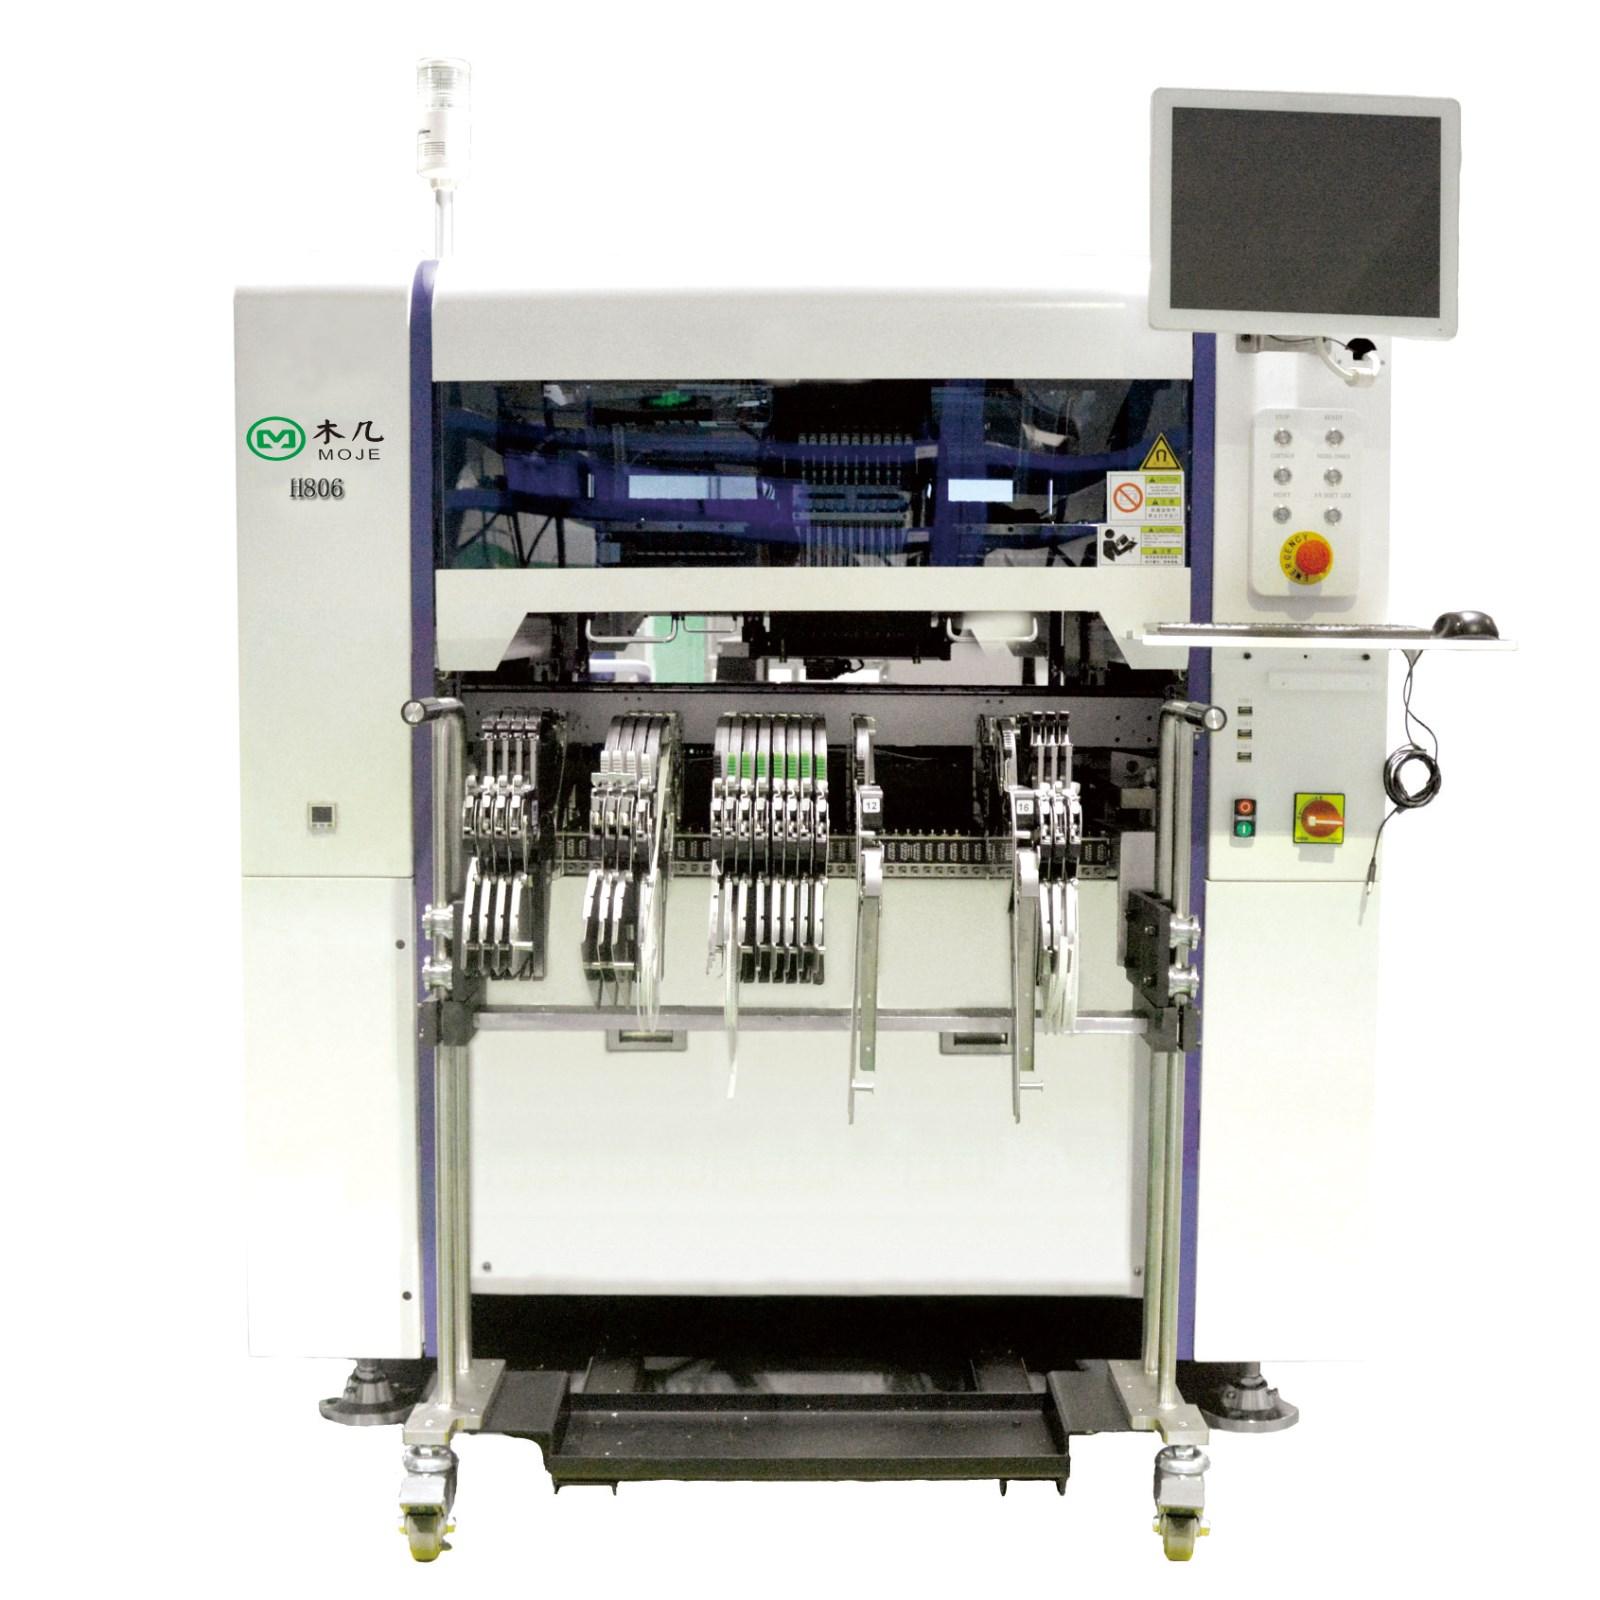 深圳貼片機廠家-印刷機-廣東木幾智能裝備有限公司